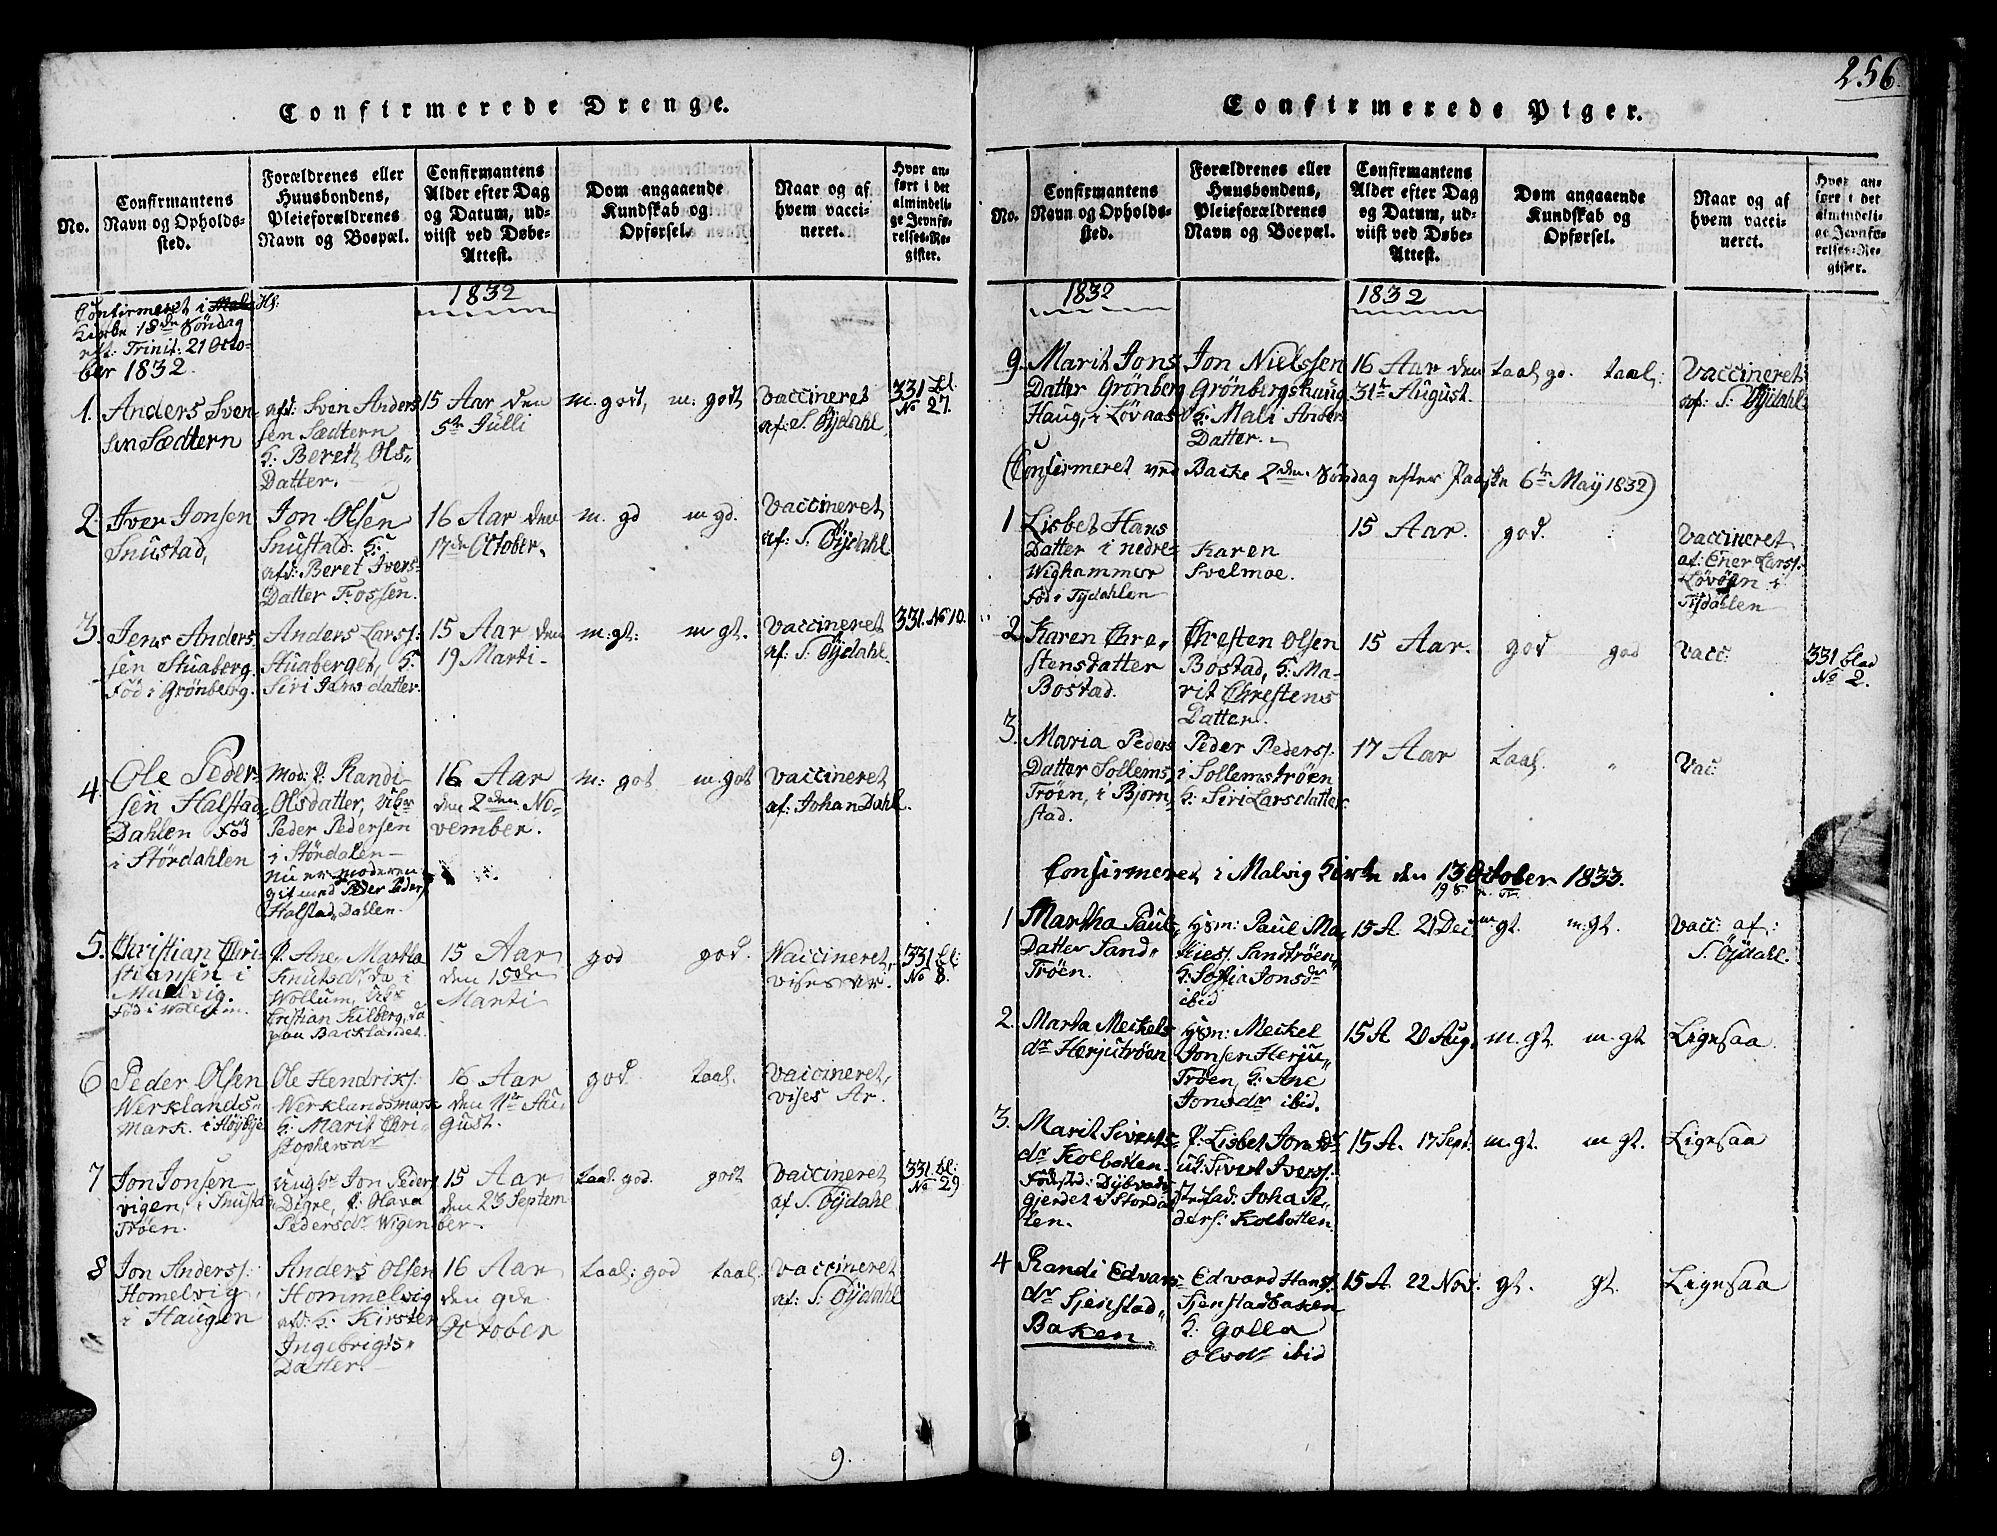 SAT, Ministerialprotokoller, klokkerbøker og fødselsregistre - Sør-Trøndelag, 616/L0420: Klokkerbok nr. 616C03, 1817-1835, s. 256